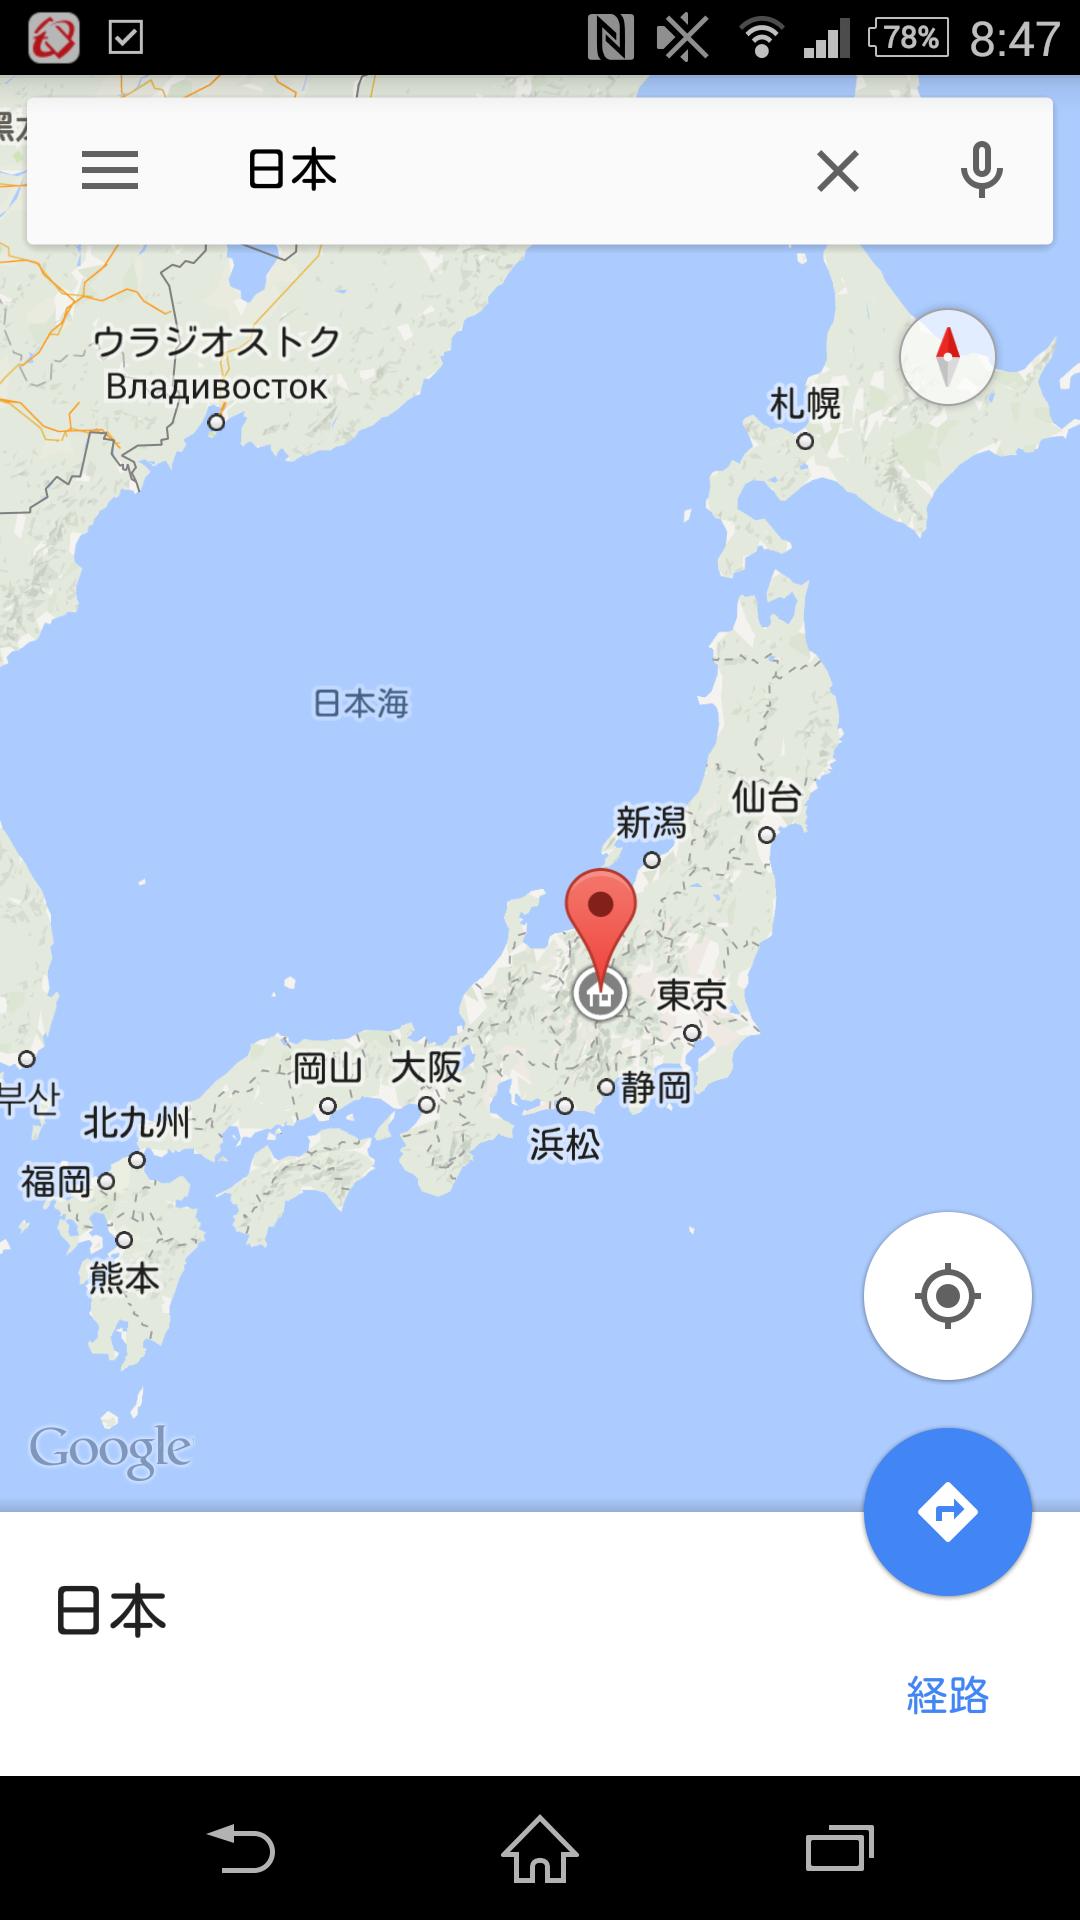 google「えーと…日本の都市?東京やろ…大阪やろ…」